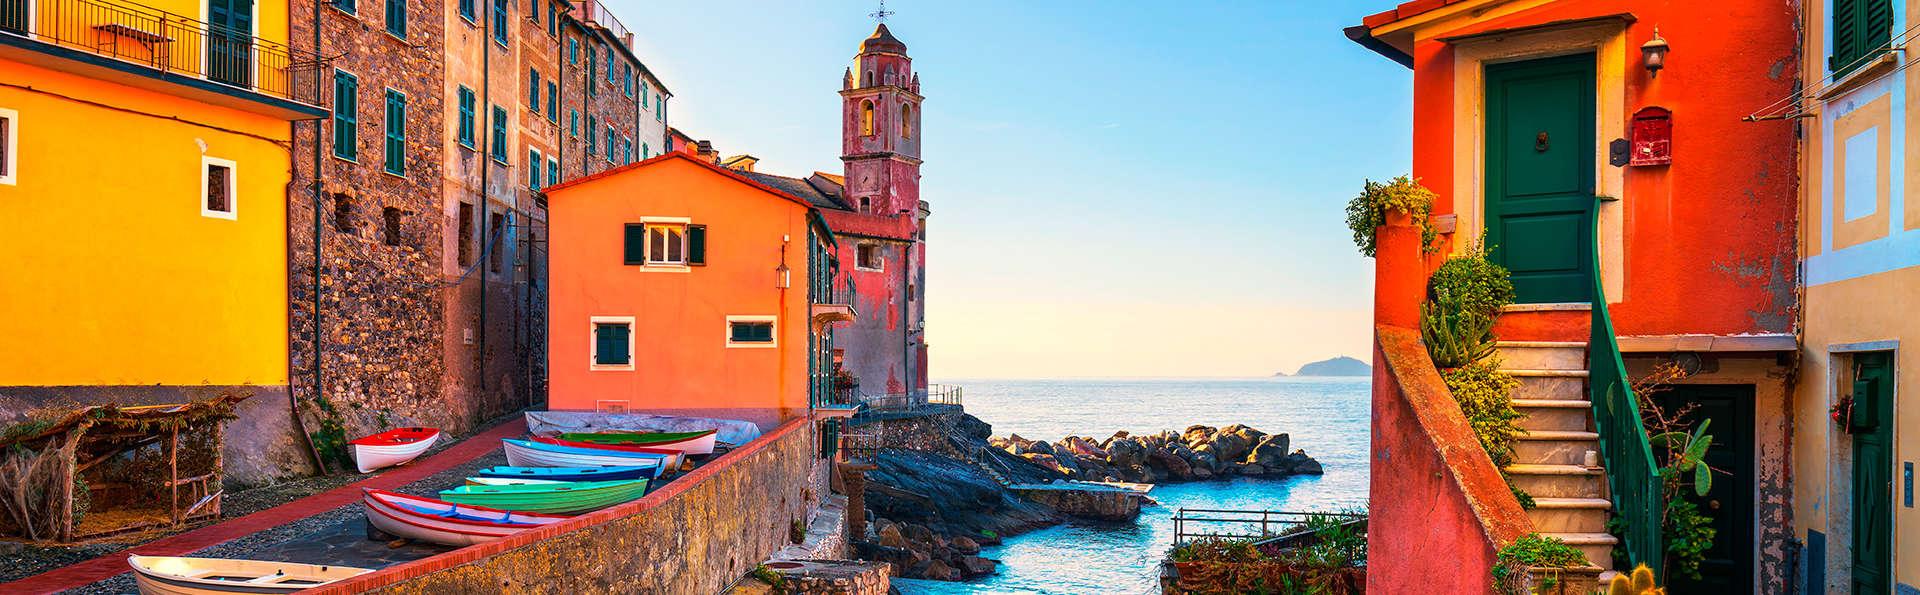 Descubre Cinque Terre cerca de La Spezia (desde 2 noches)